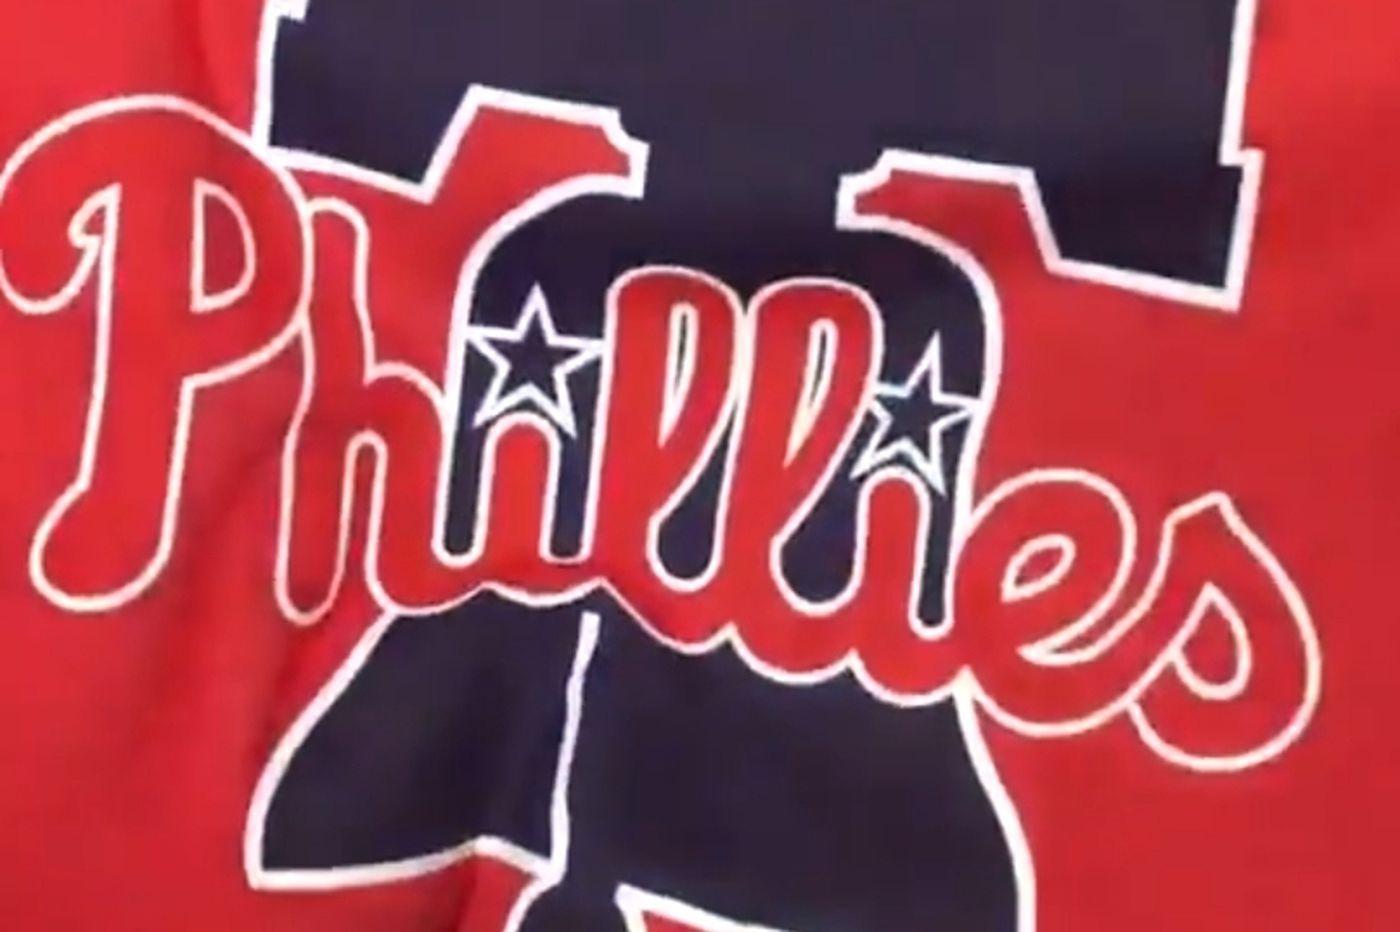 Phillies reveal new primary logo